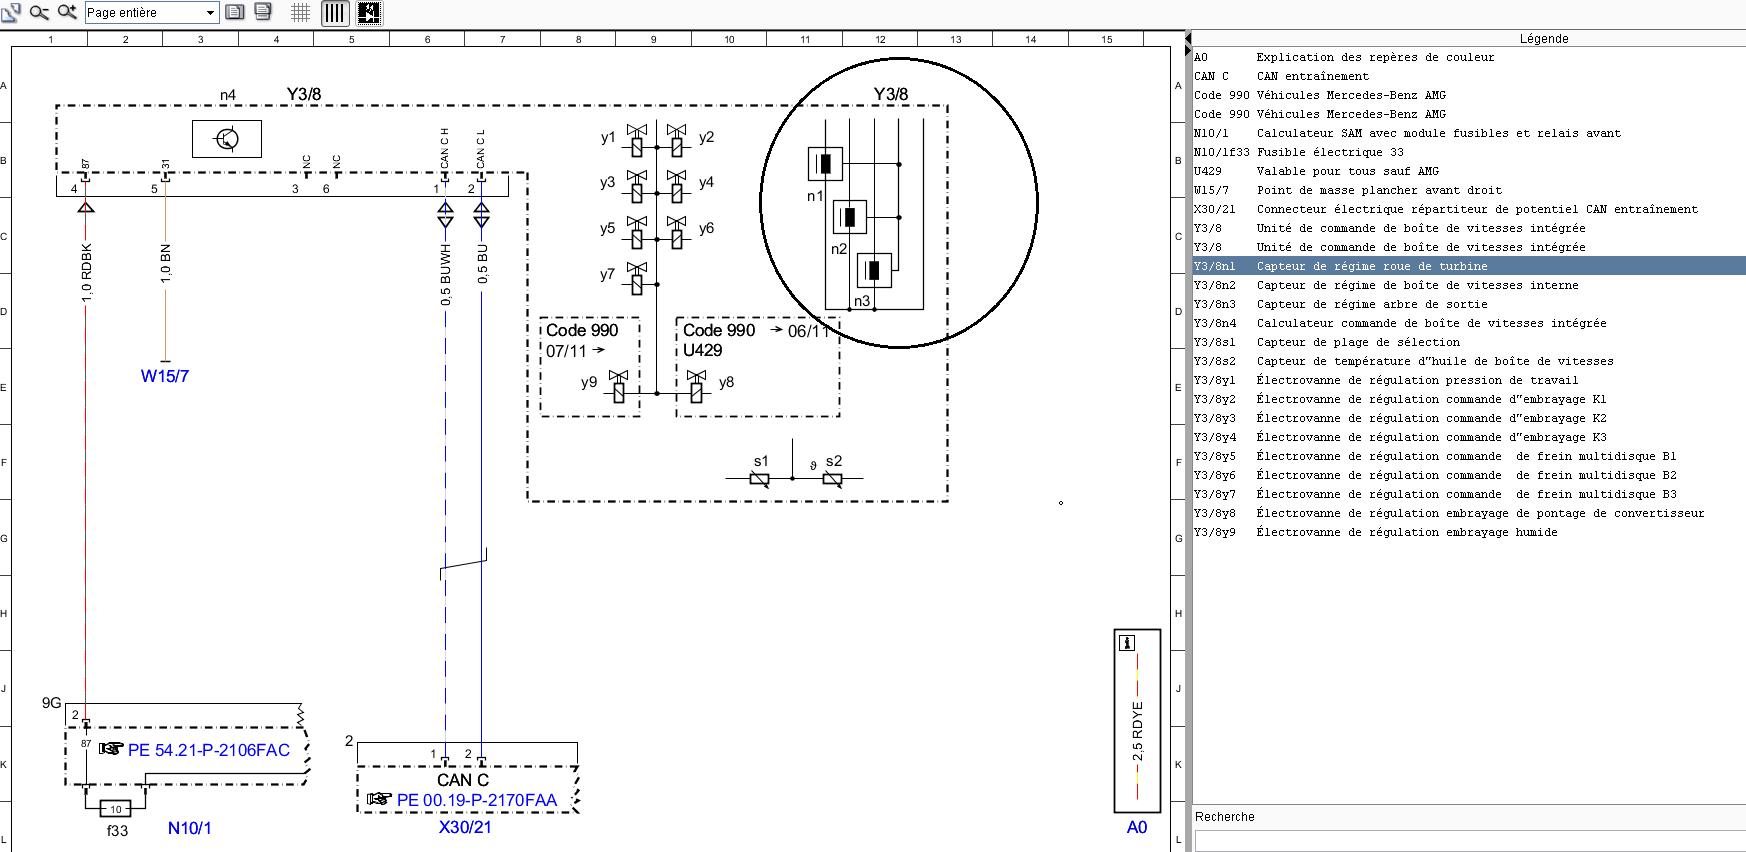 boite-vitesse-3-WDD2043021F938994.png